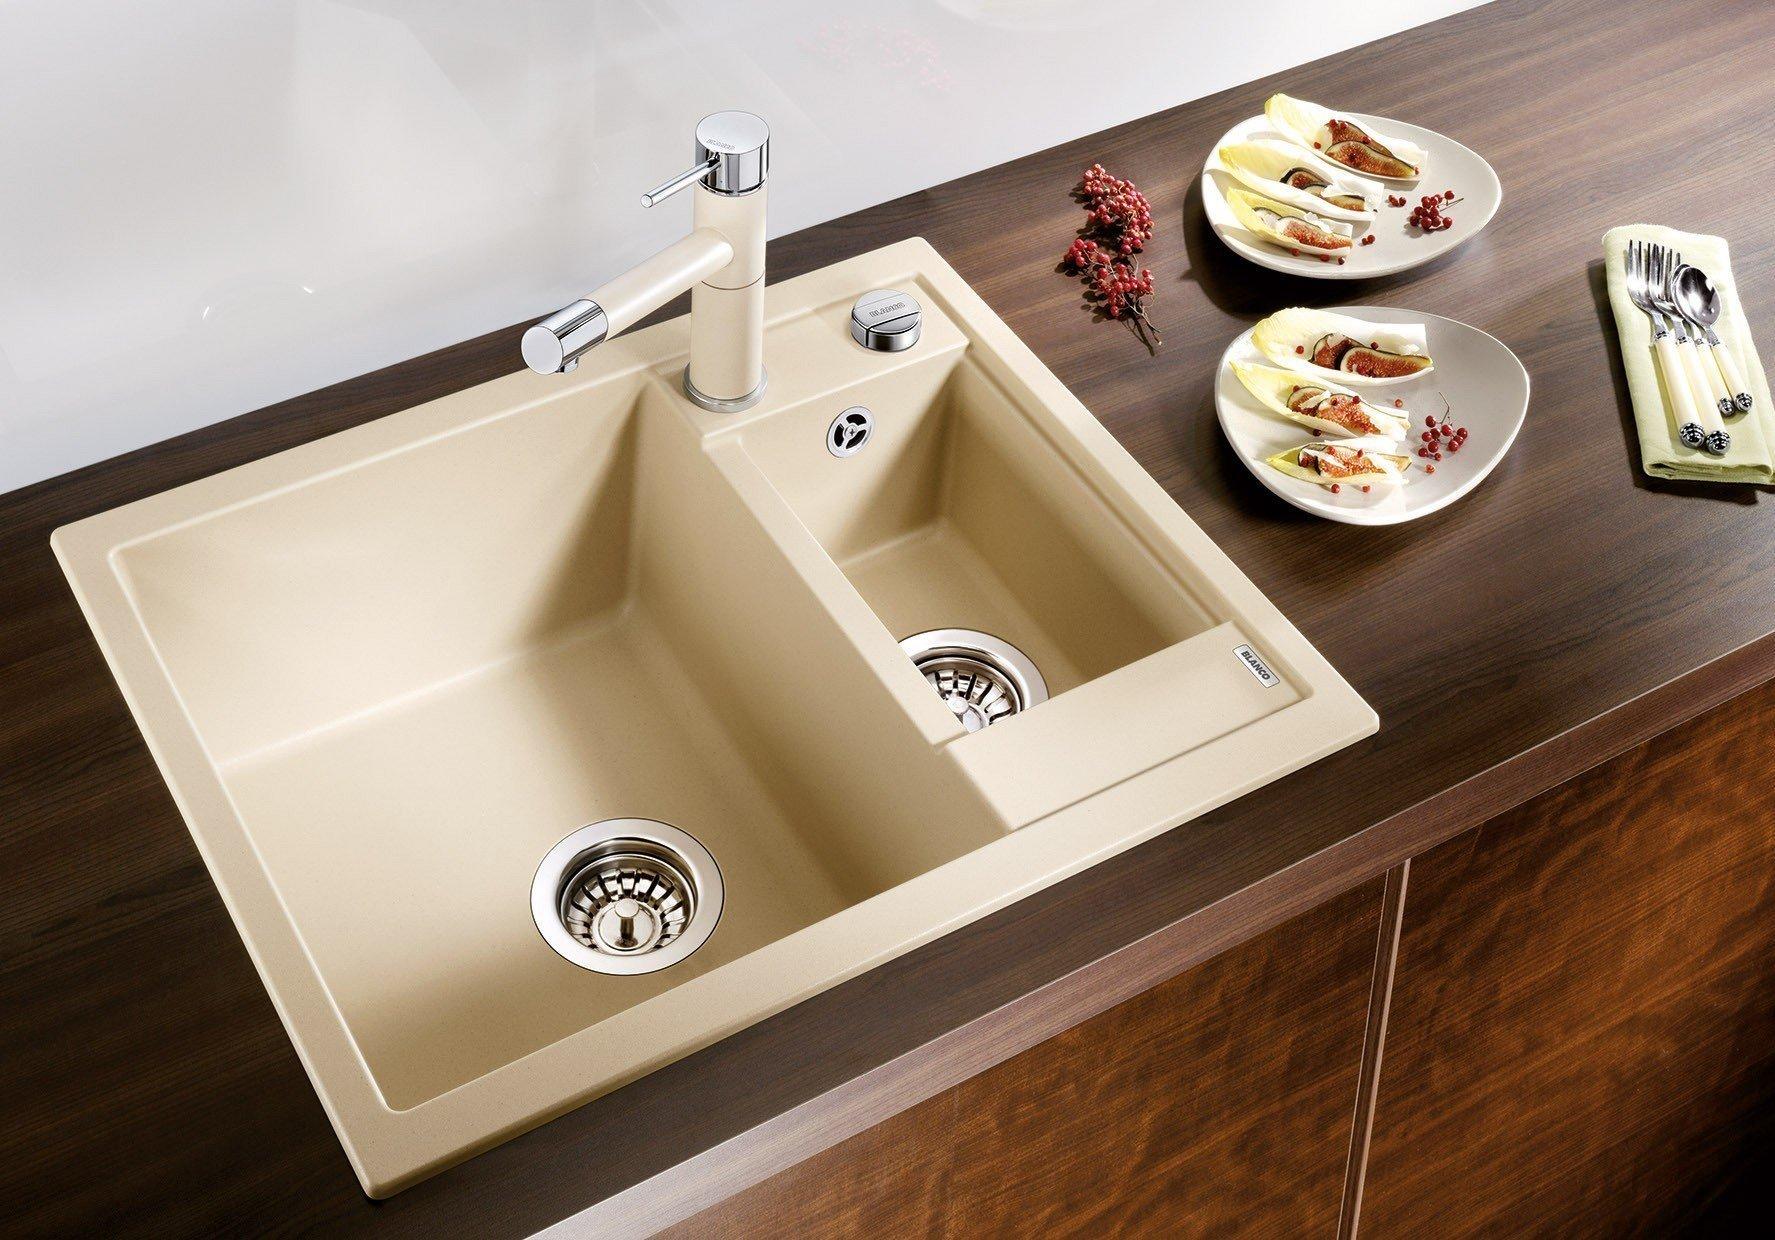 Očišťování potravin, mytí nádobí, ale i napouštění vody jsou jasným důkazem toho, že je kuchyňský dřez vytížen téměř pořád. Právě proto bychom měli být při jeho výběru obzvlášť opatrní, aby se nestalo, že jej budeme muset po kratší době, než by nám byla milá, vyhodit. Podle čeho správný dřez vybrat?